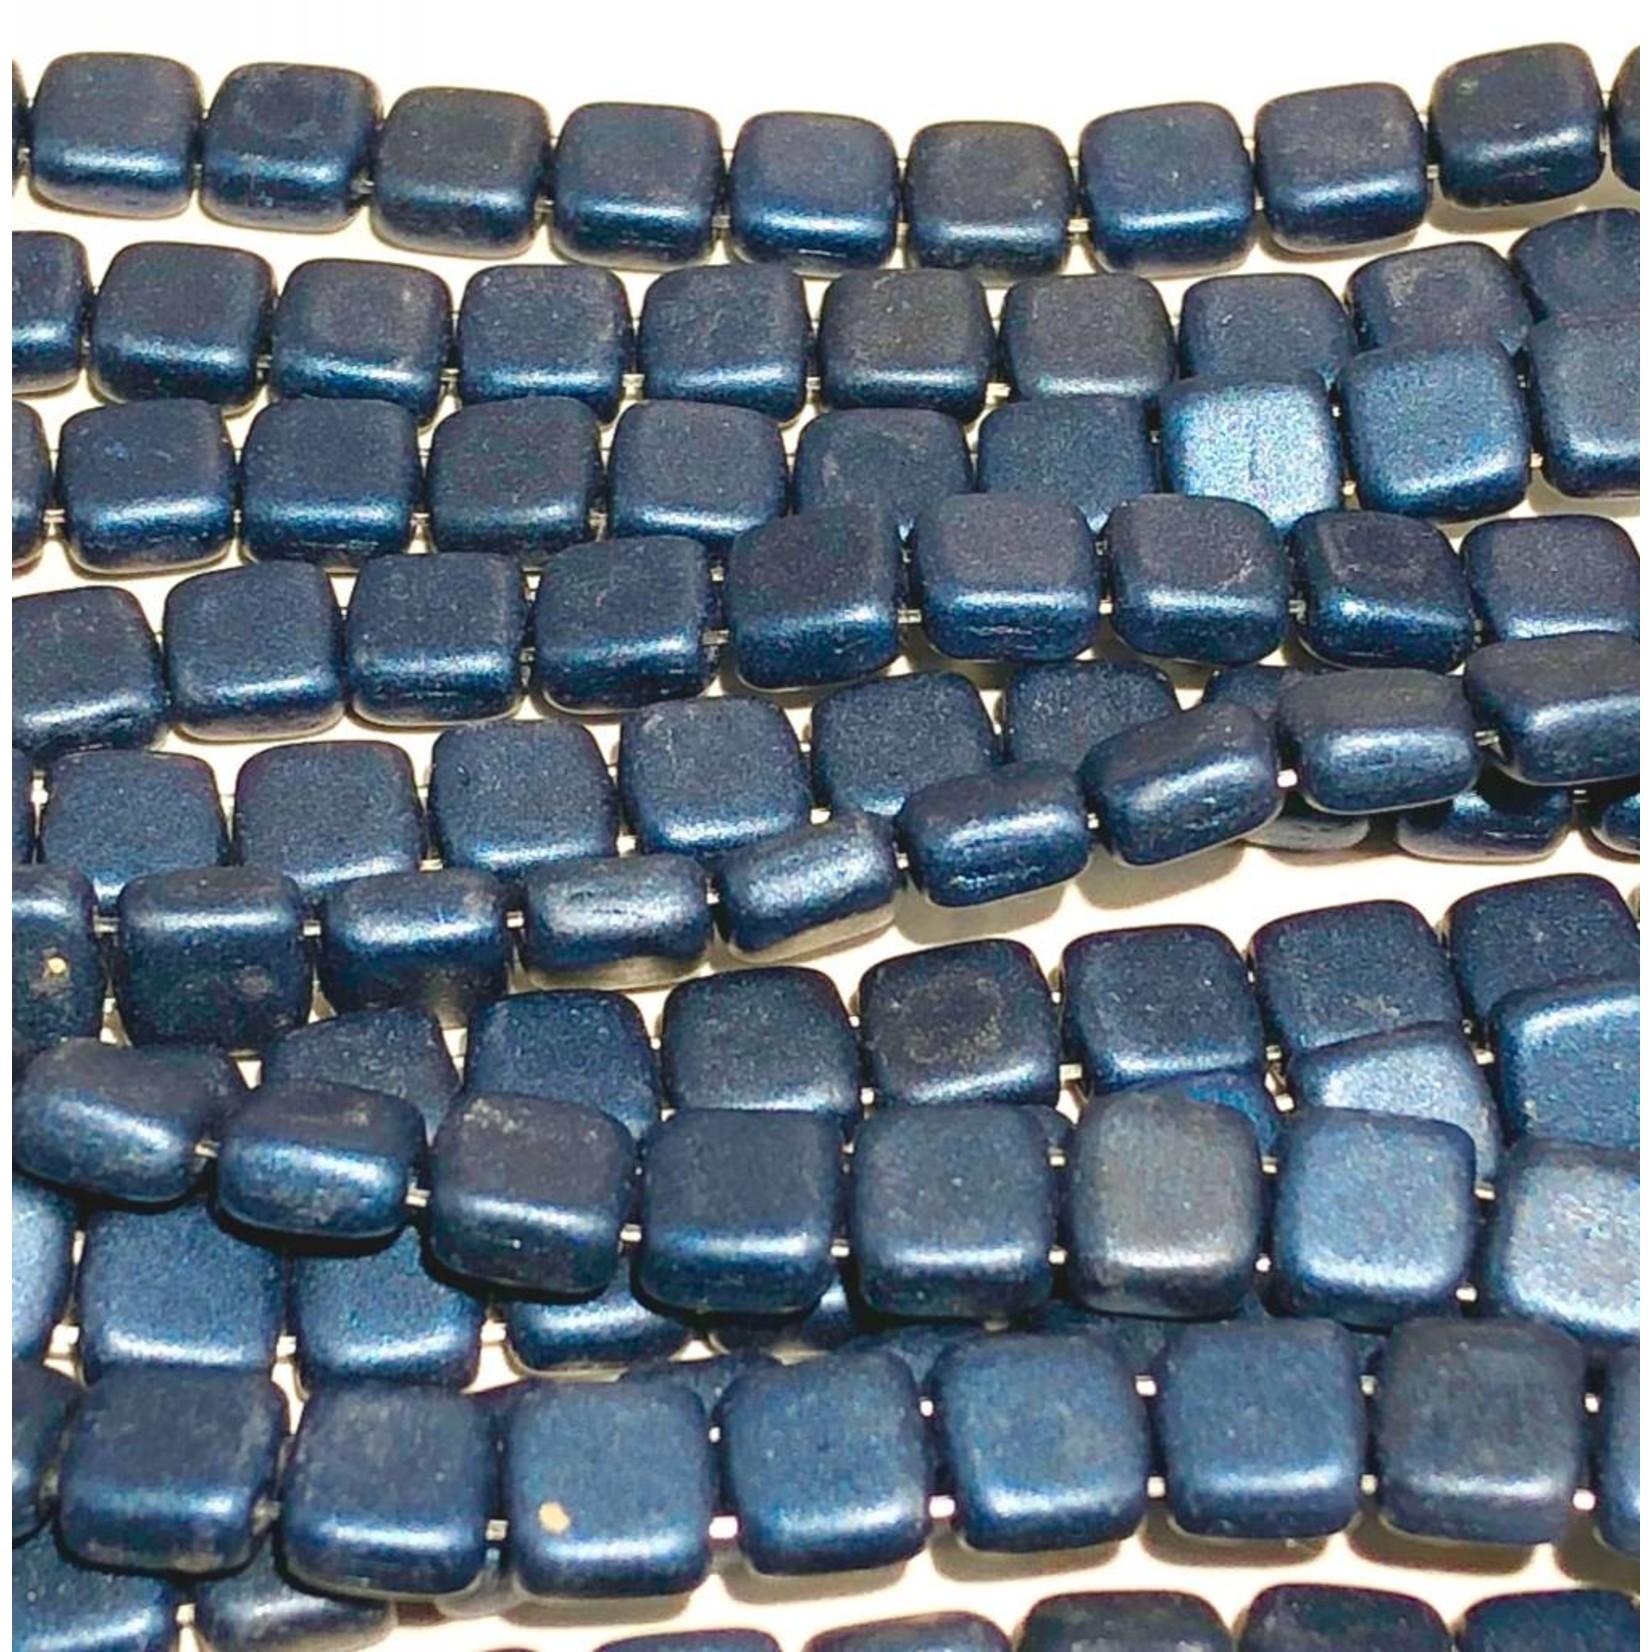 CzechMates CzechMates TILE Metallic Suede Dark Blue